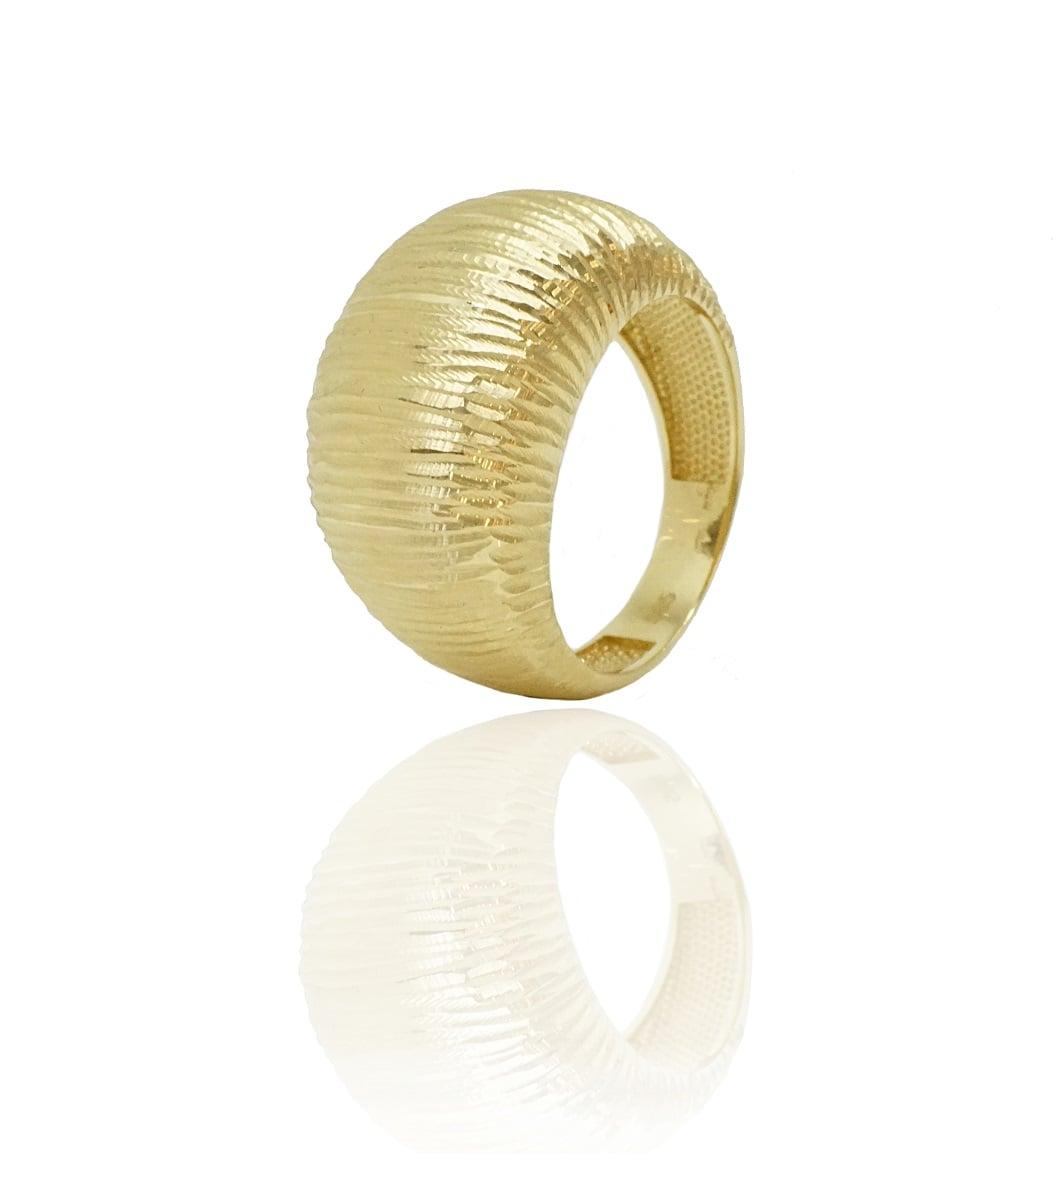 טבעת זהב לאישה (בומביי) רחבה, מלאת נוכחות ועשירה